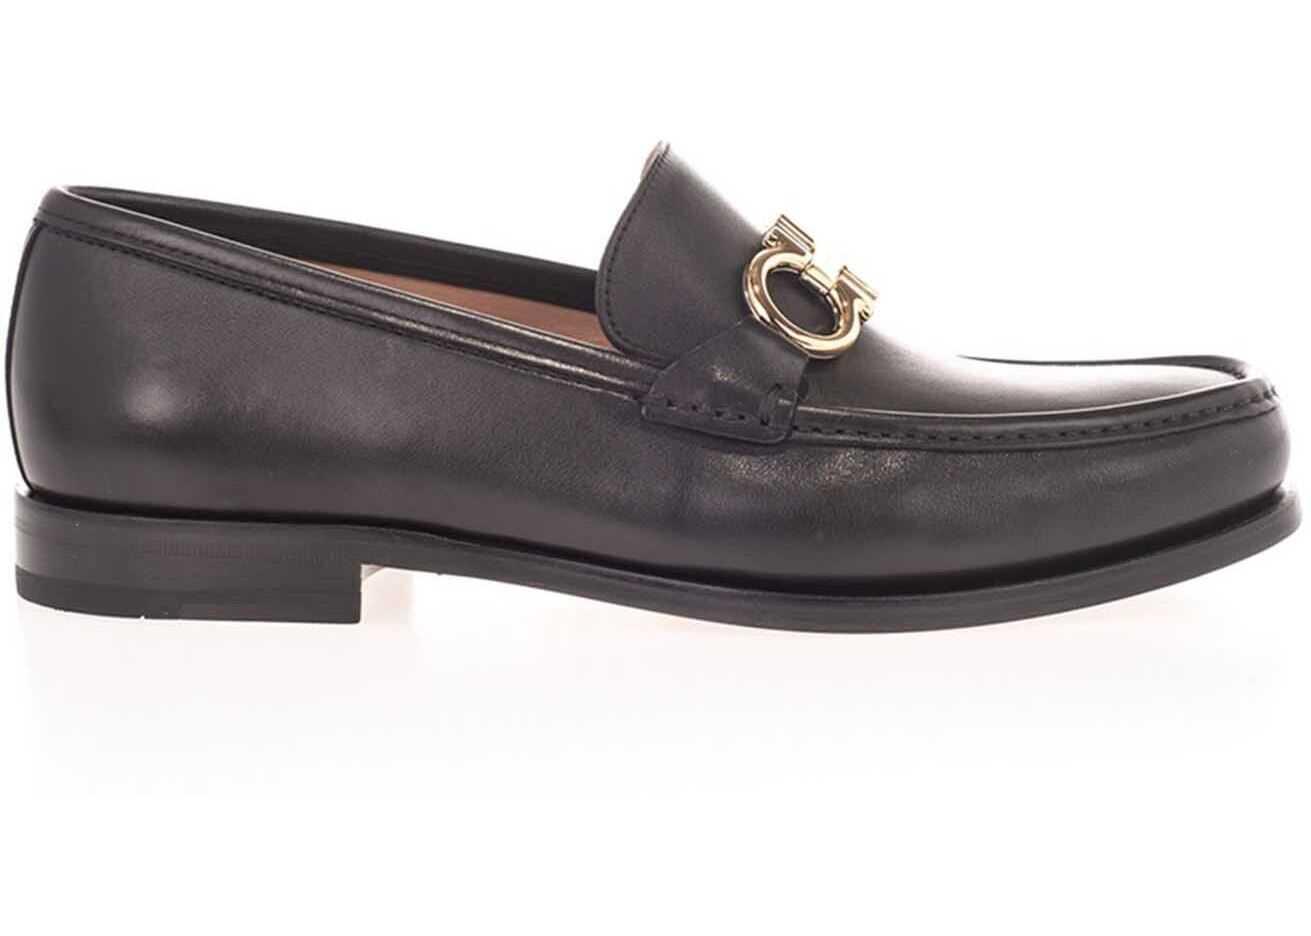 Salvatore Ferragamo Gancini Loafers In Black 712557 Black imagine b-mall.ro